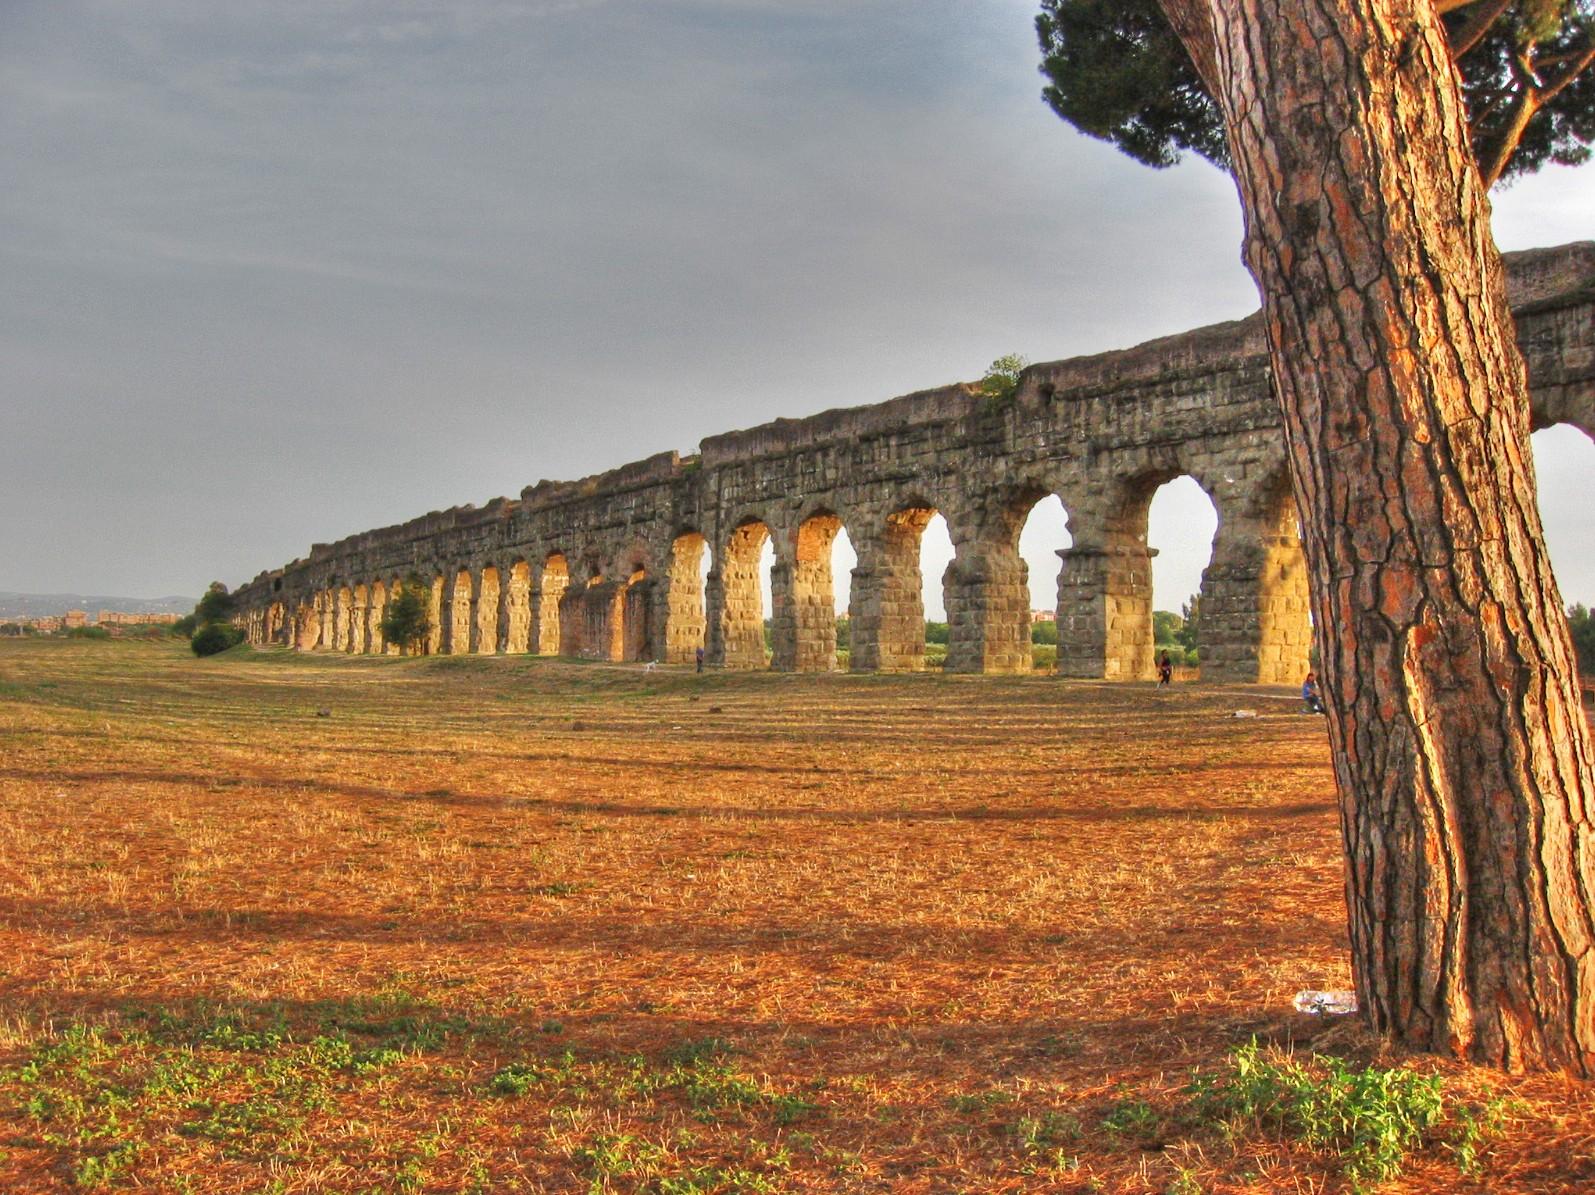 visita guidata: L'ACQUA MARCIA PRESSO IL CASALE DI ROMA VECCHIA